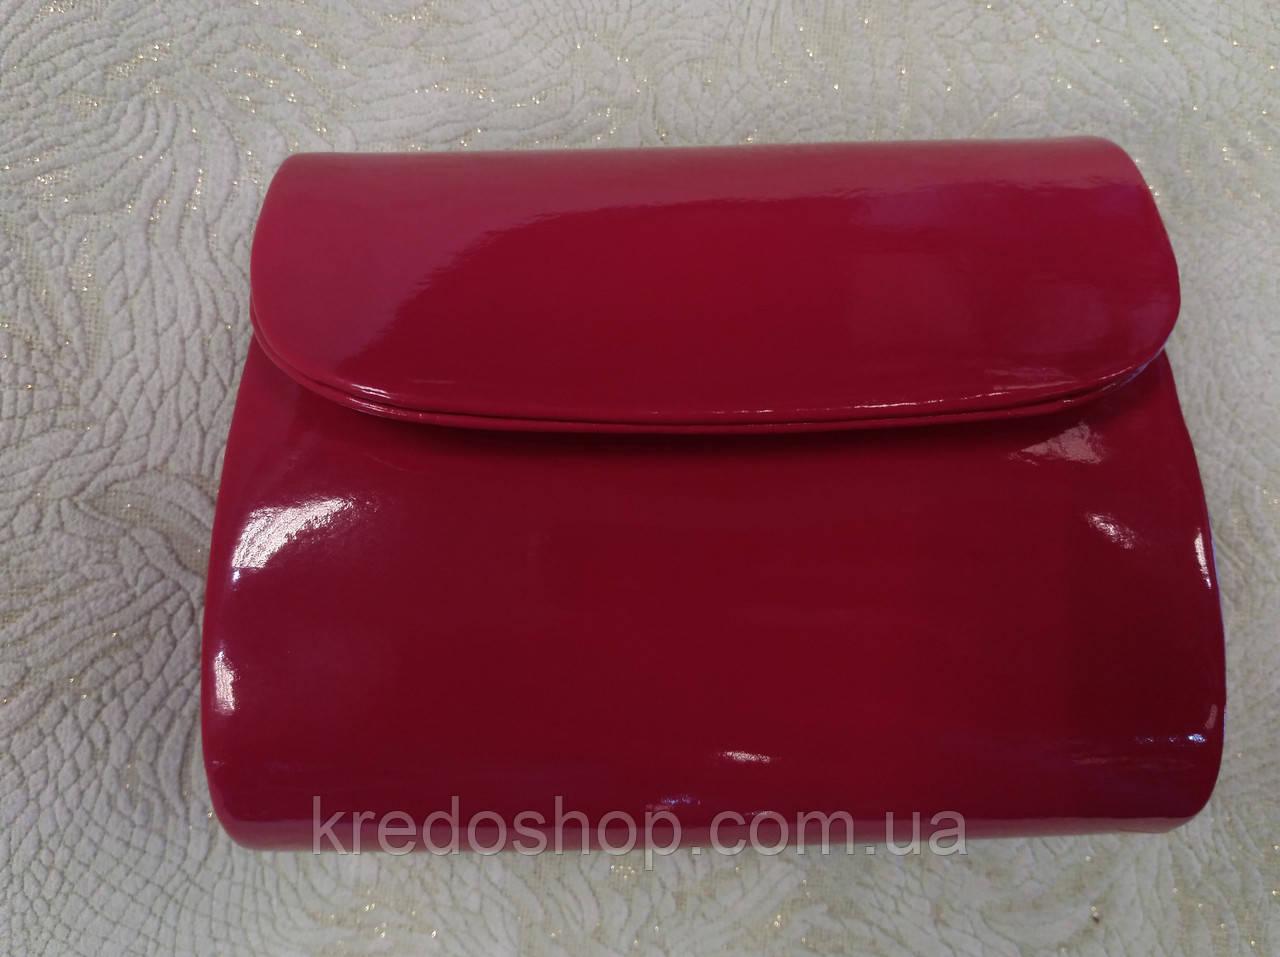 699b3b6c5ef5 Клатч вечерний лаковый красивый малинового цвета (Турция) - Интернет-магазин  сумок и аксессуаров